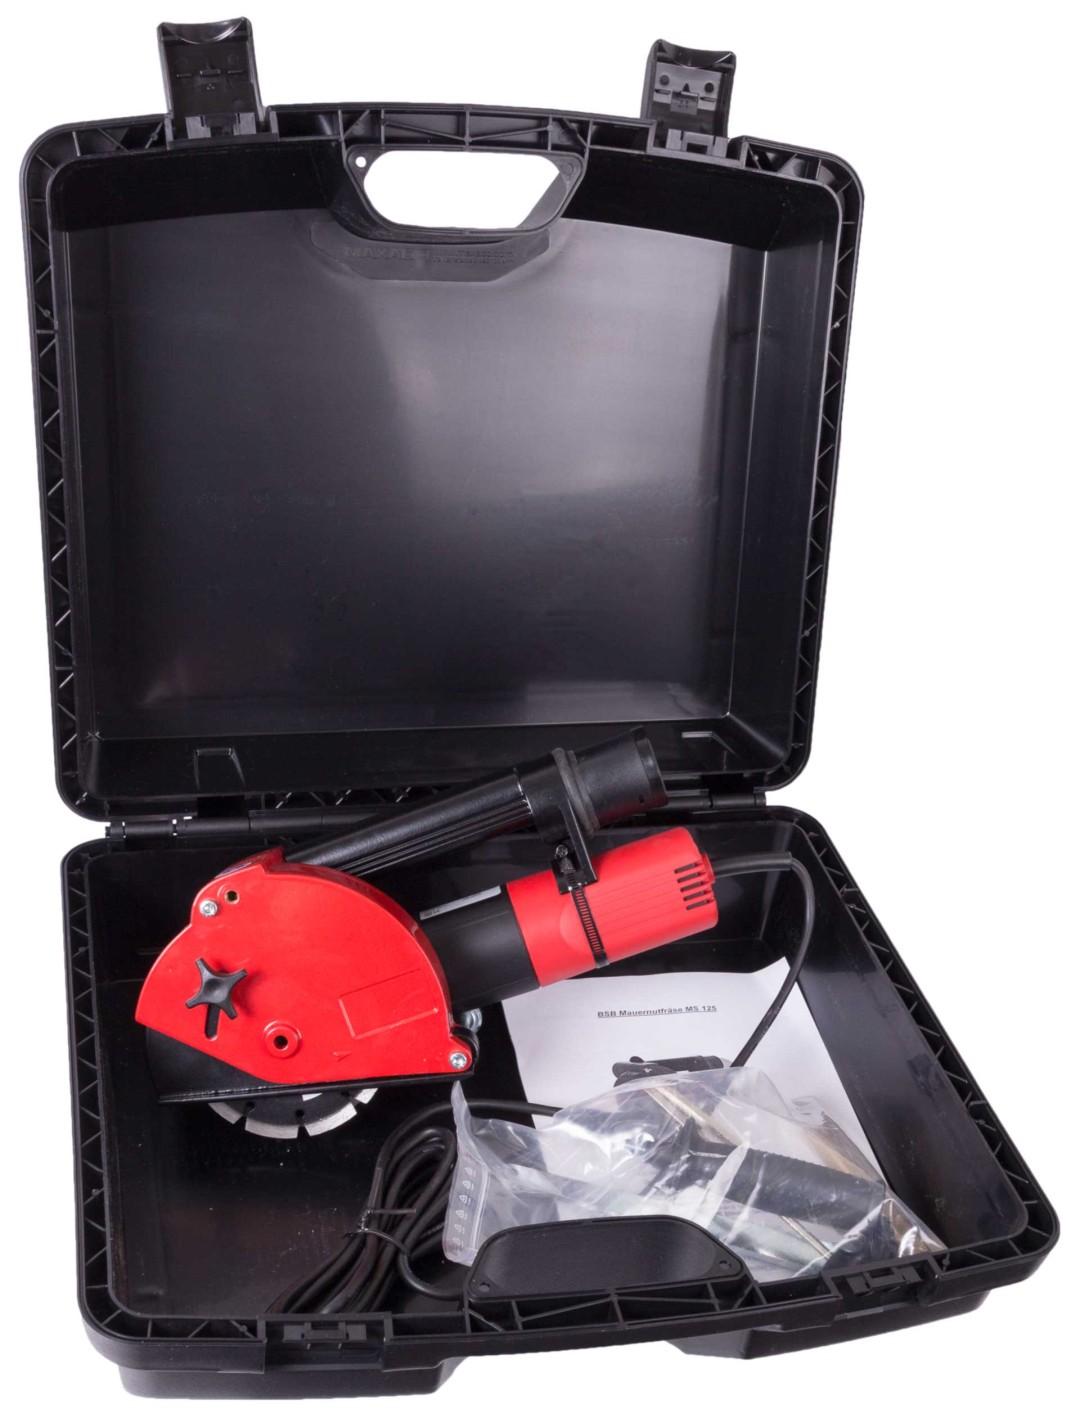 Mauernutfräse BSB 125 mit Koffer und Zubehör